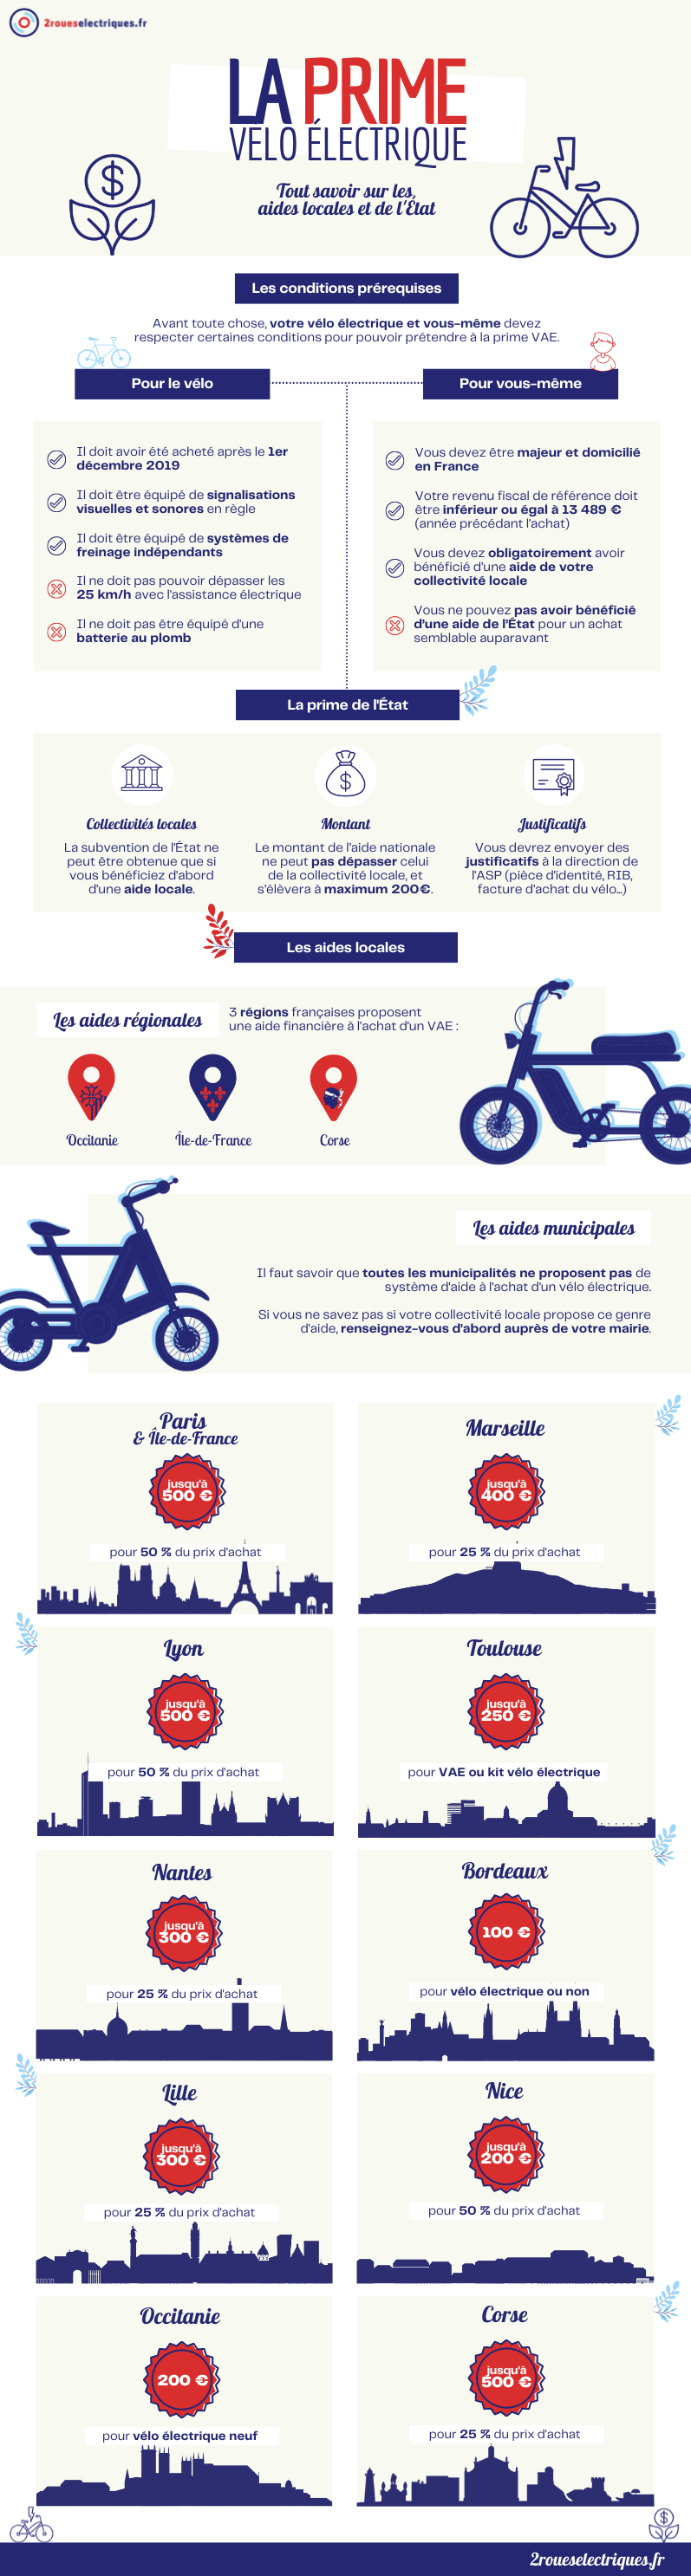 Prime vélo électrique : infographie 2roueselectriques